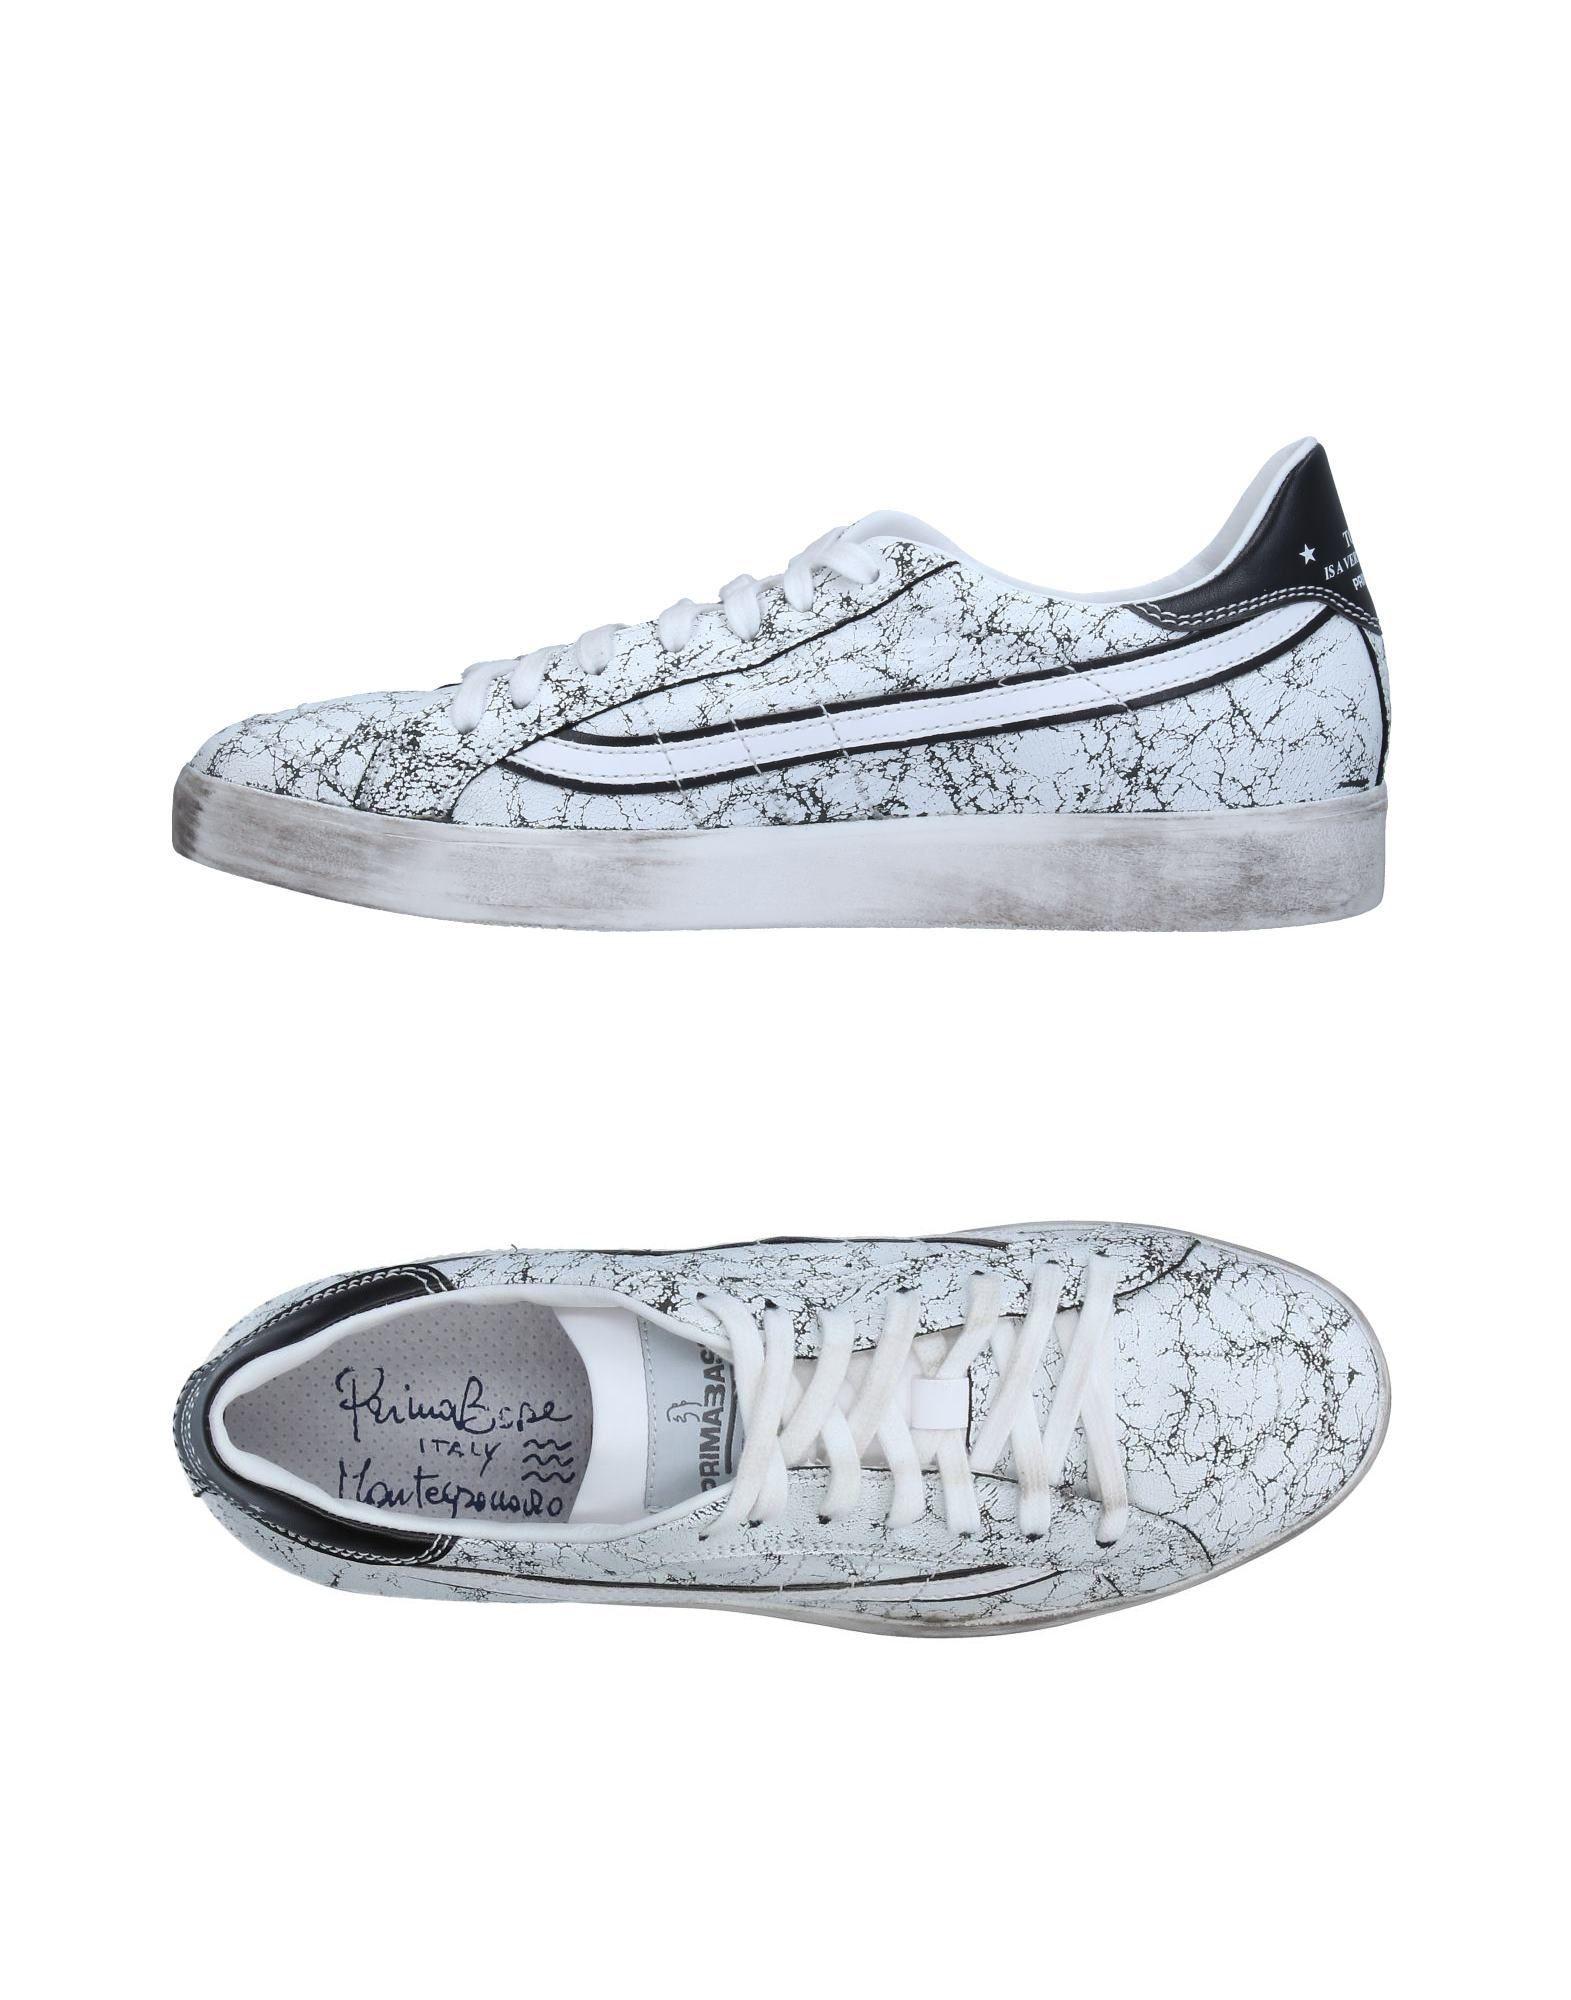 PRIMABASE Herren Low Sneakers & Tennisschuhe Farbe Weiß Größe 9 jetztbilligerkaufen